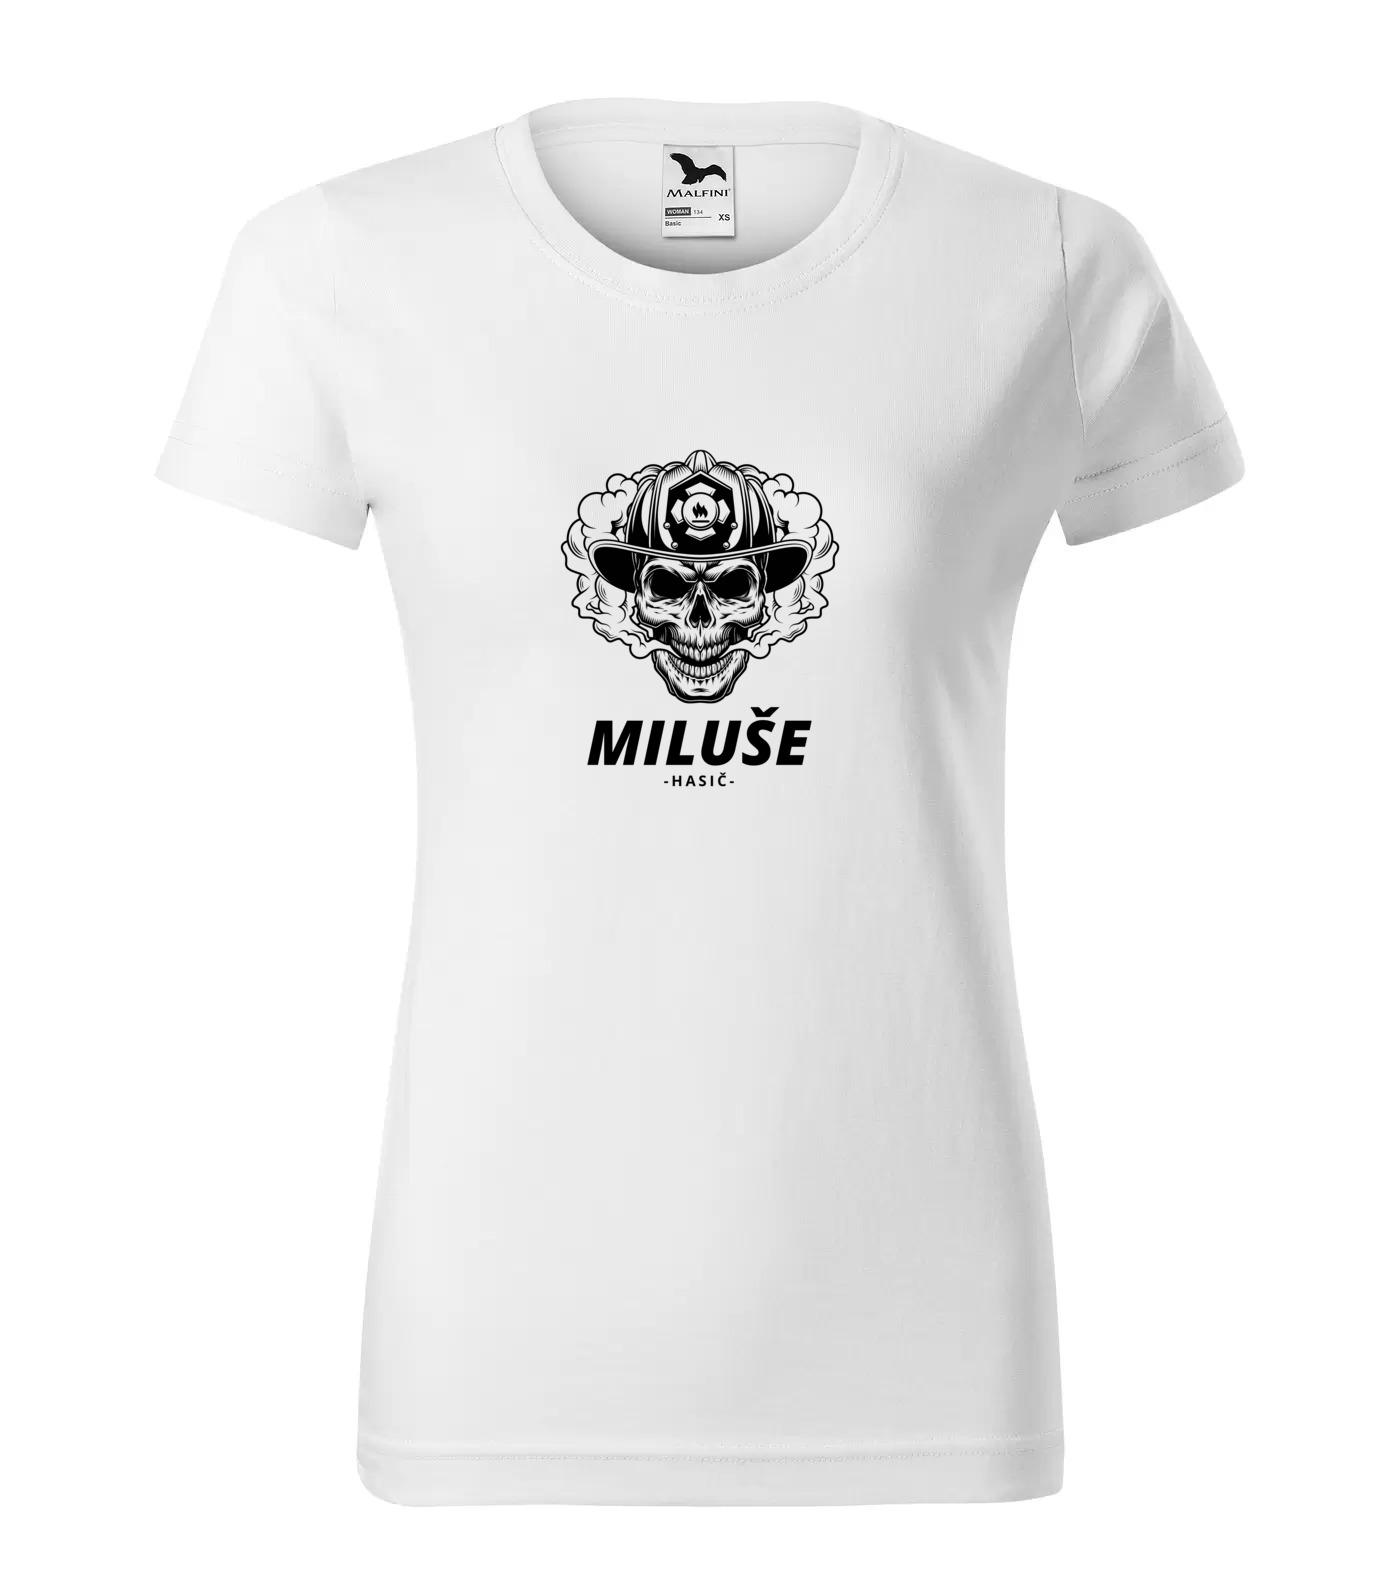 Tričko Hasič Miluše